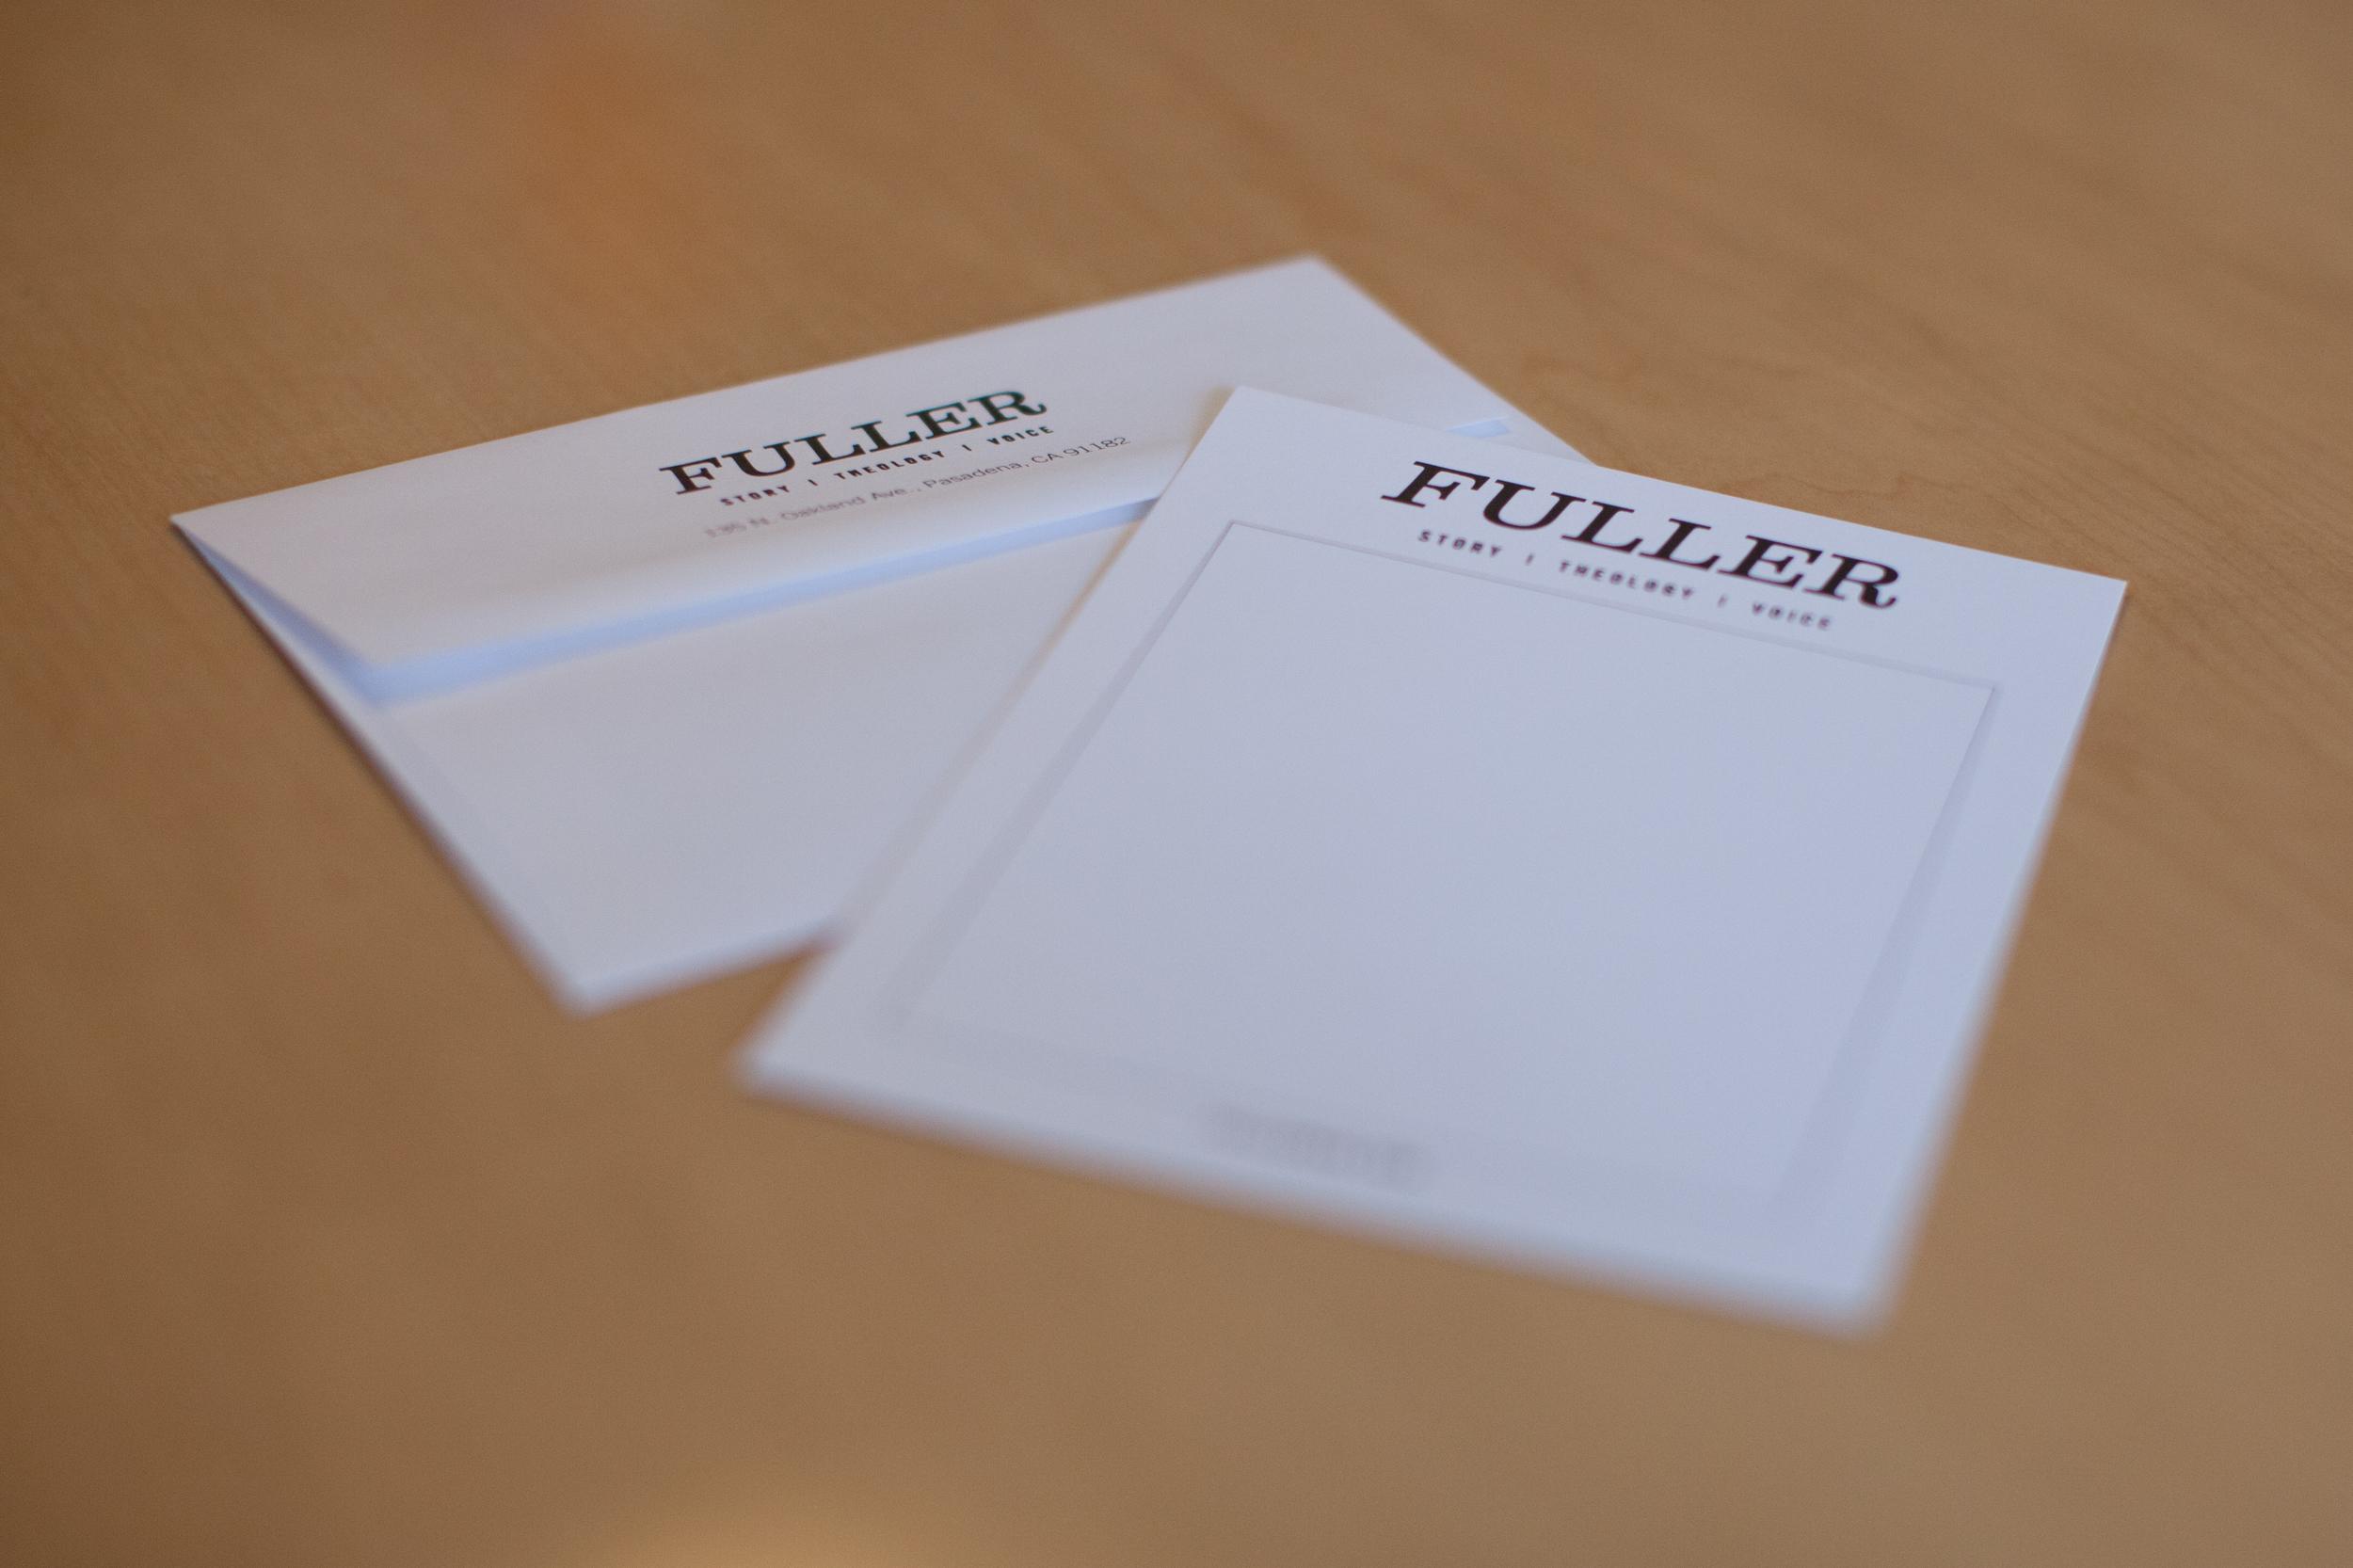 3x5 postcardand envelope